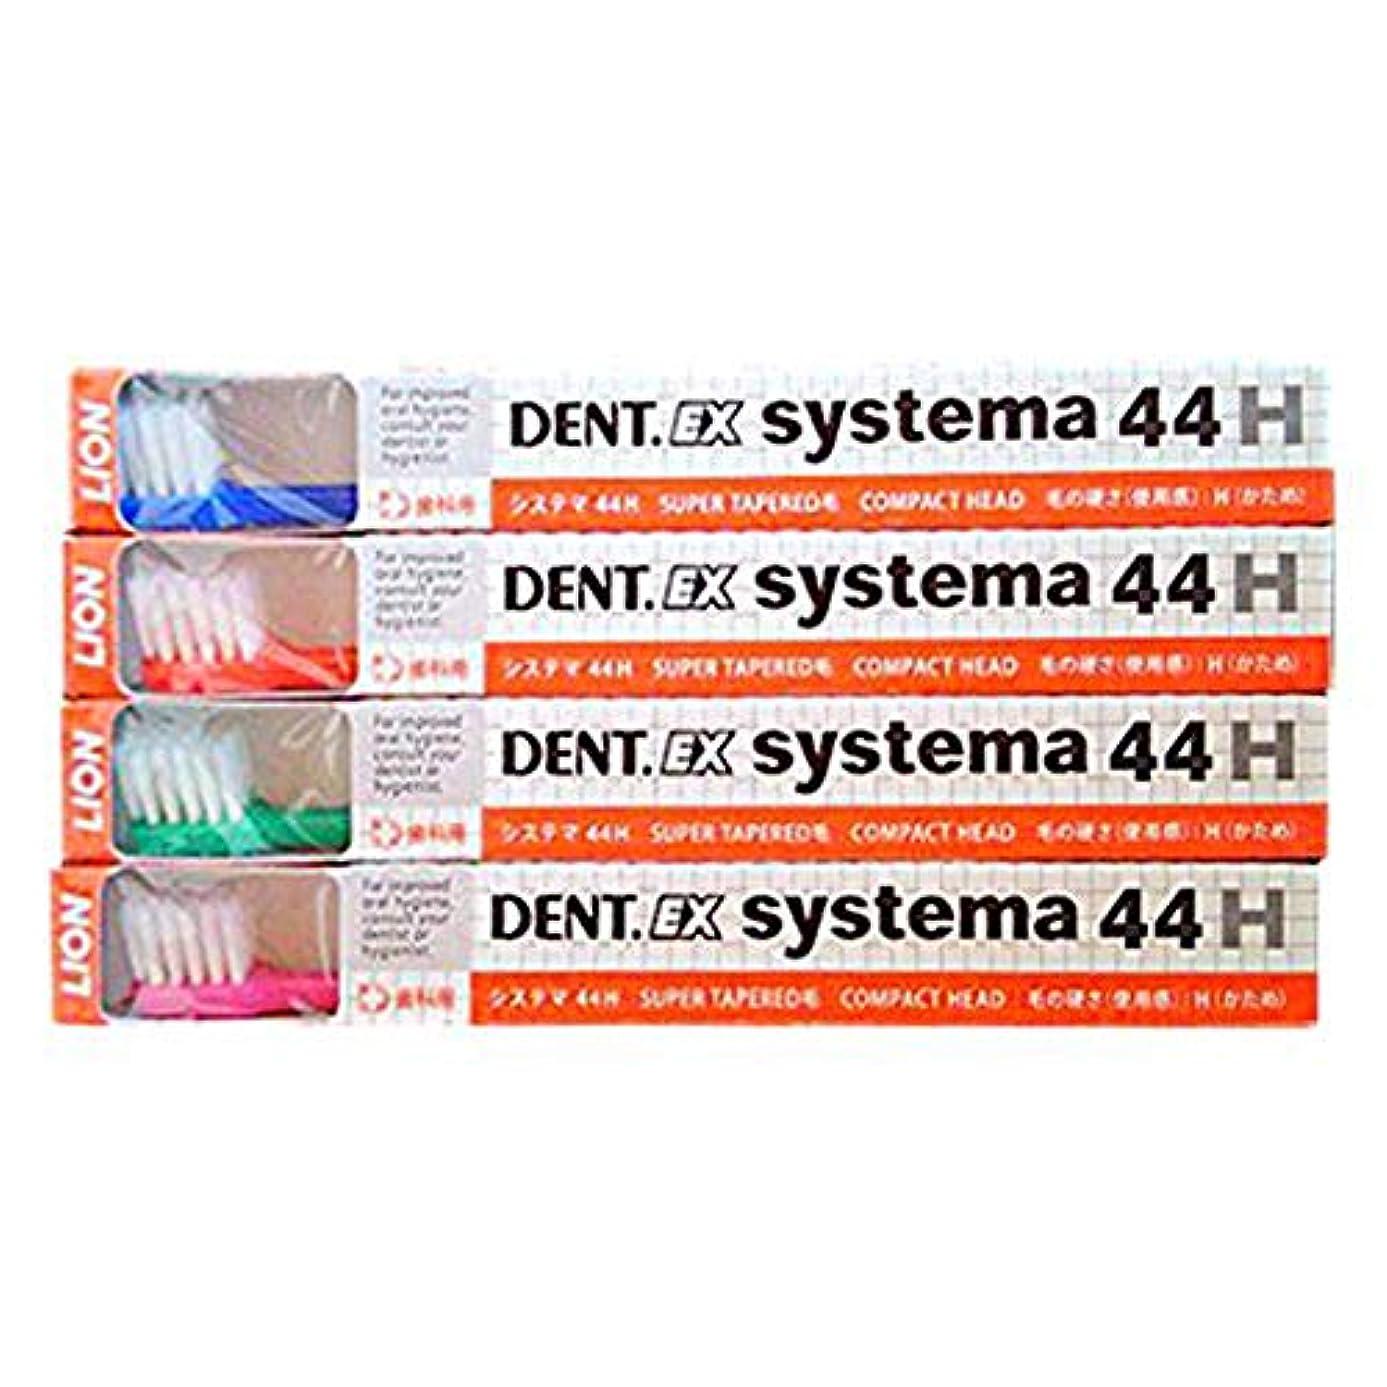 顎リネン強制デント 歯ブラシ DENT EX システマ 4色アソート 20本入り 44H